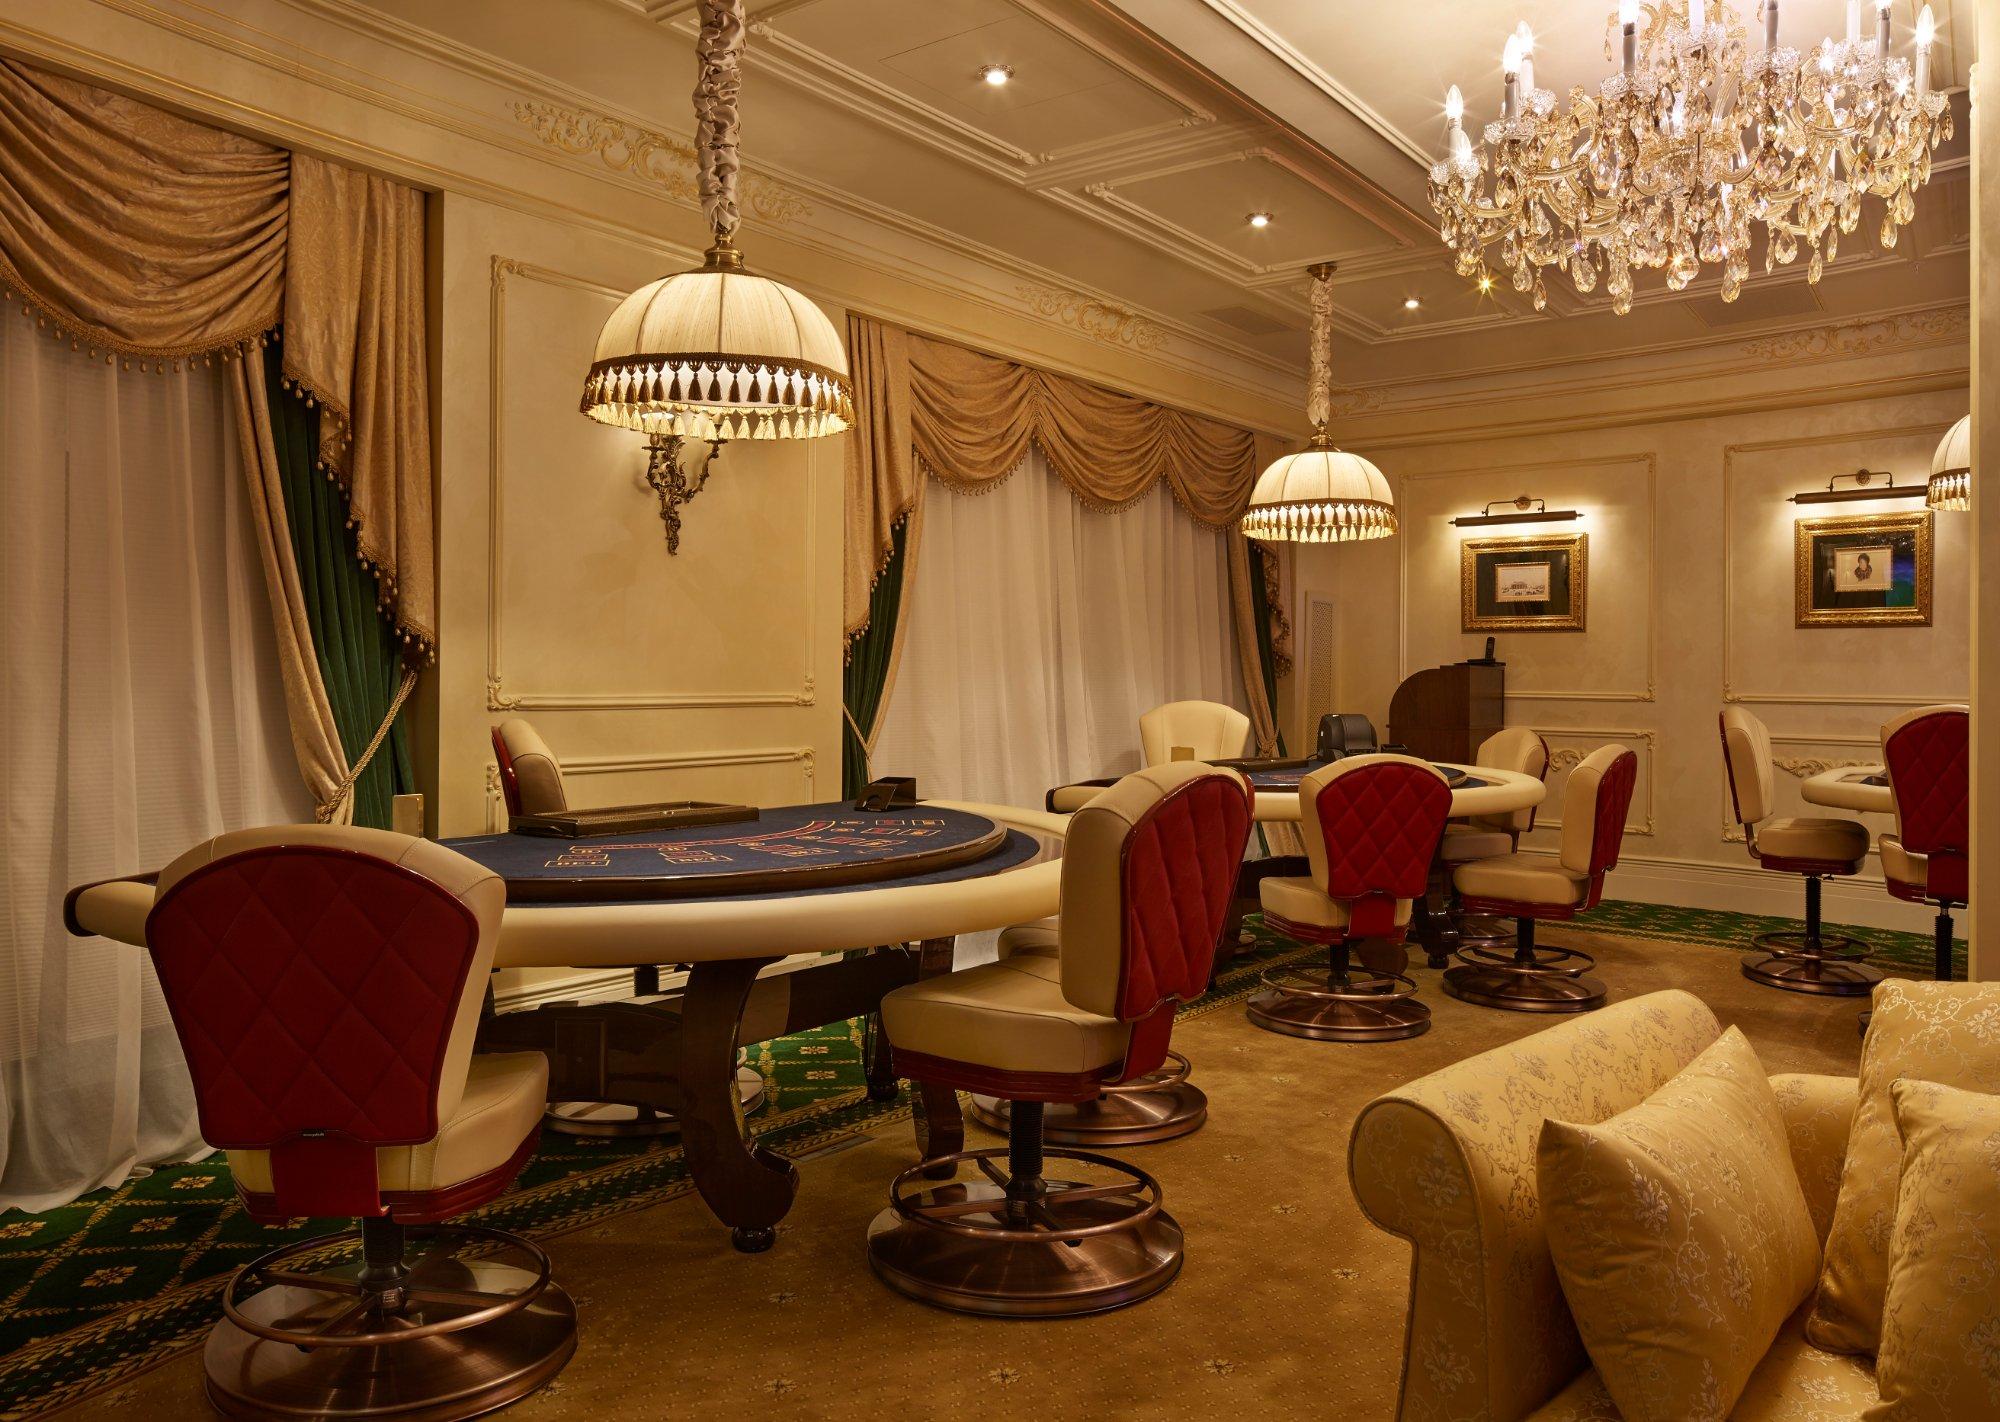 Казино пекин в минске вакансии казино которое дает бездепозитный бонус и можно вывести